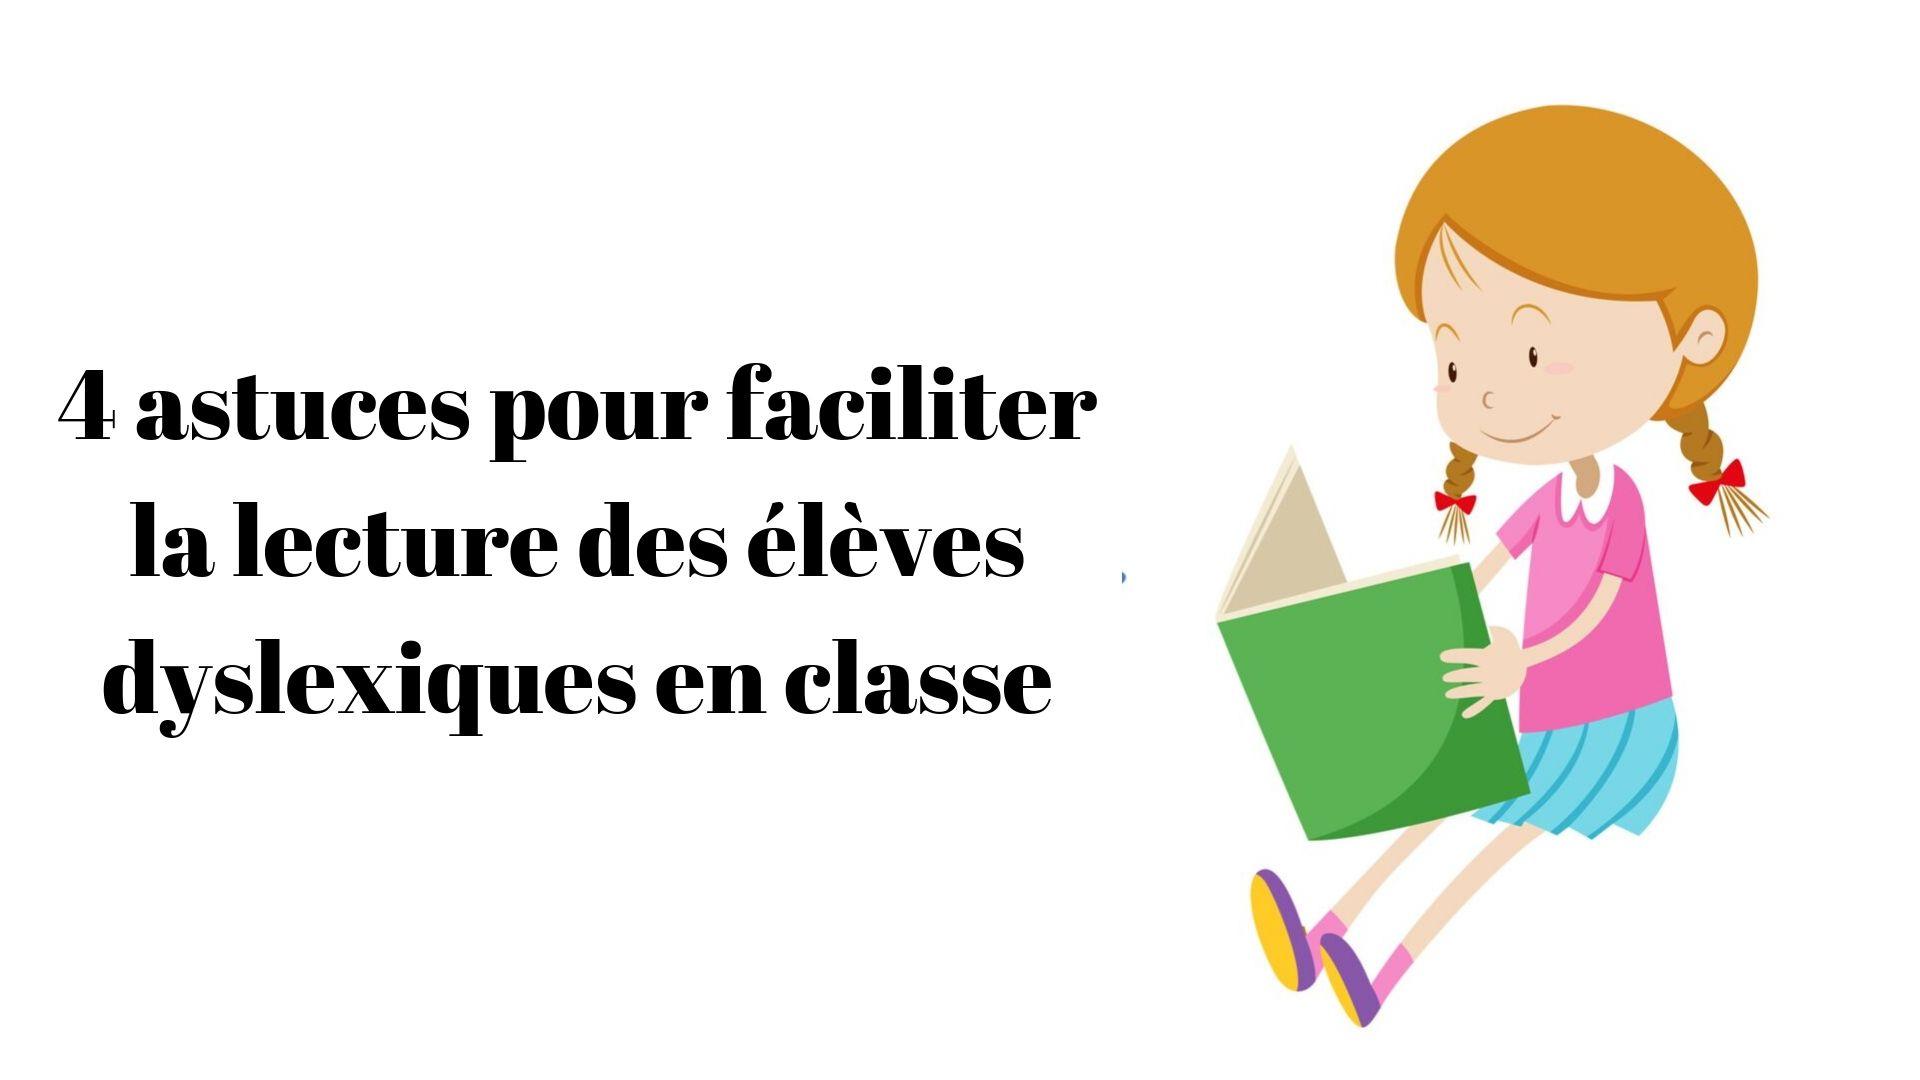 4 astuces pour faciliter la lecture des élèves dyslexiques en classe